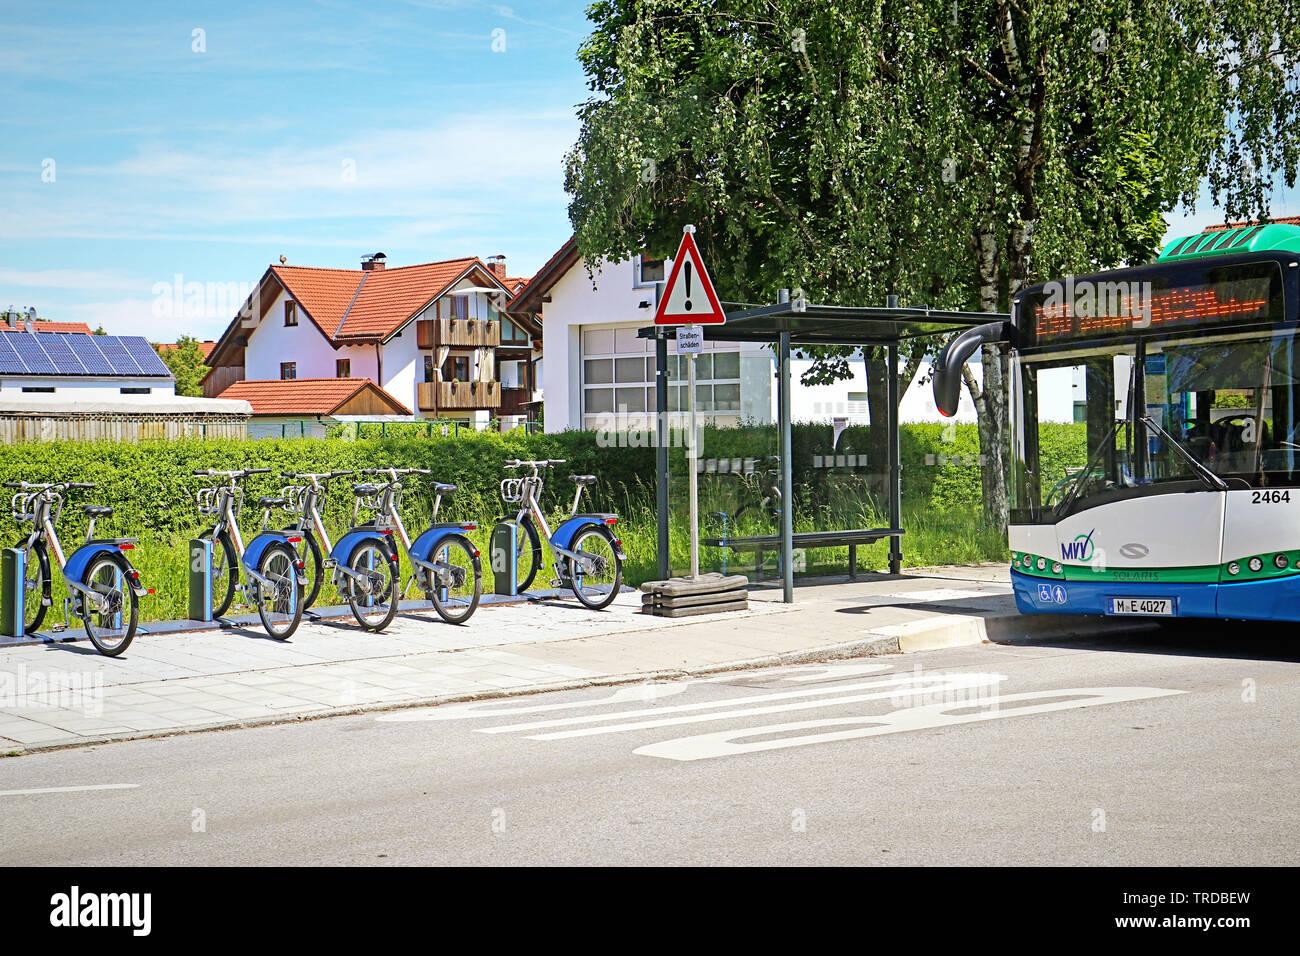 A Garching, Germania - Biciclette elettriche pronto a noleggiare convenientemente allineati sul marciapiede vicino alla fermata del bus. Foto Stock